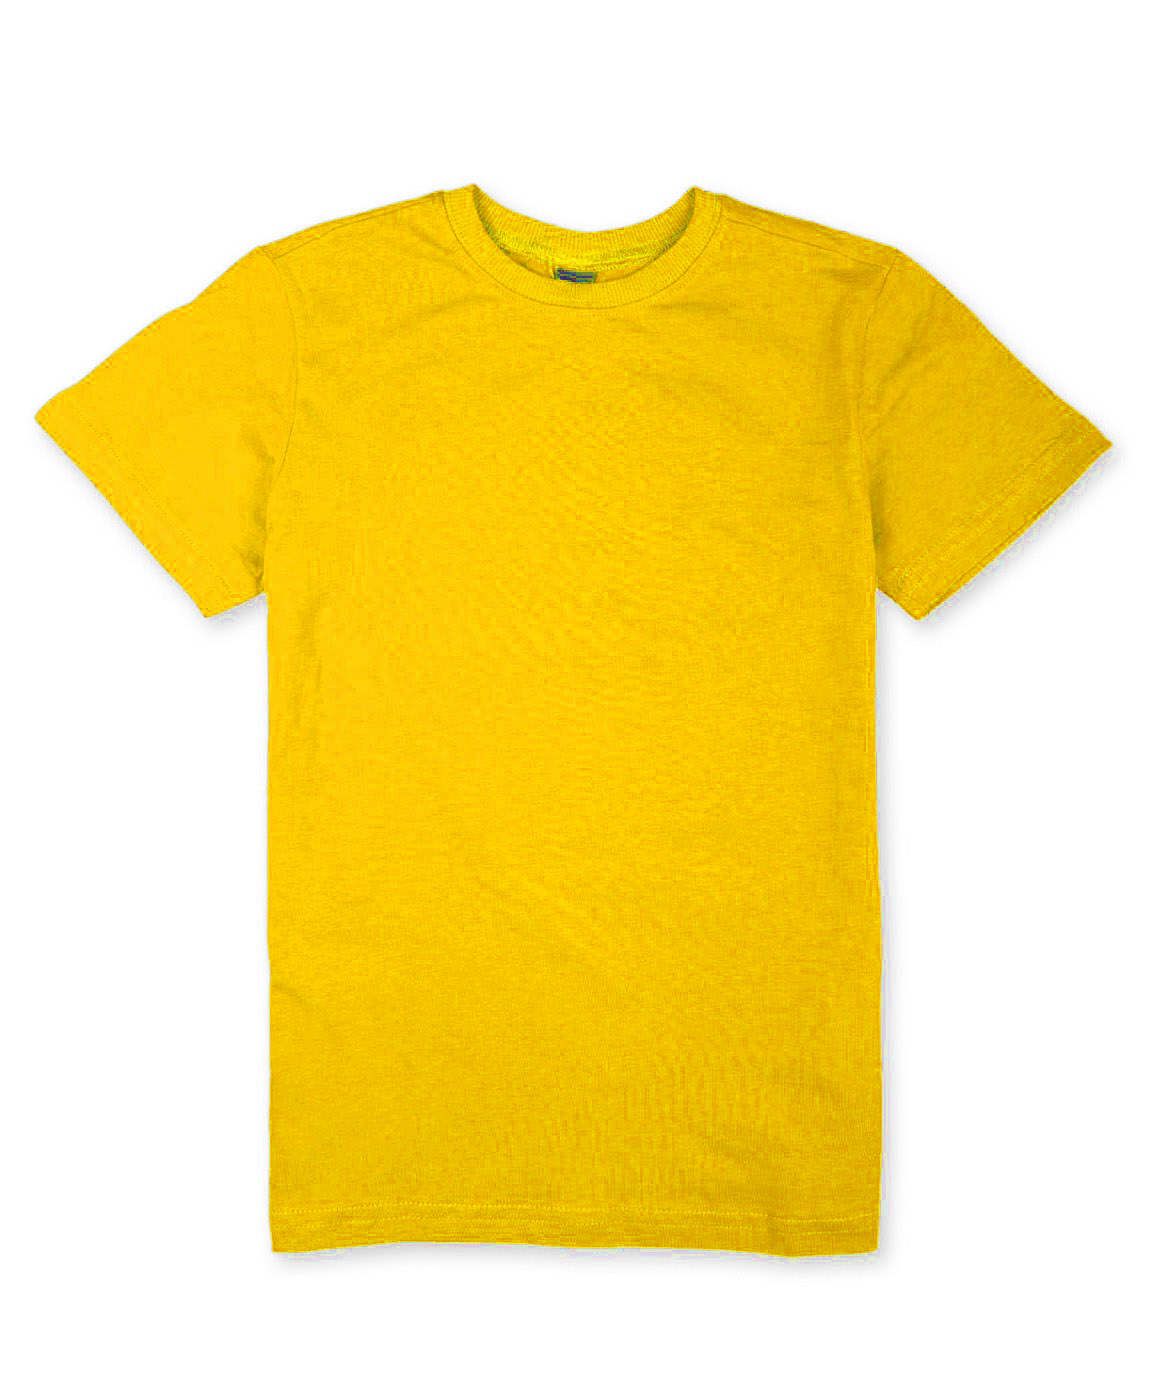 Футболка однотонная желтая, большие размерыКоллекция ВЕСНА-ЛЕТО<br><br><br>Размер: 64